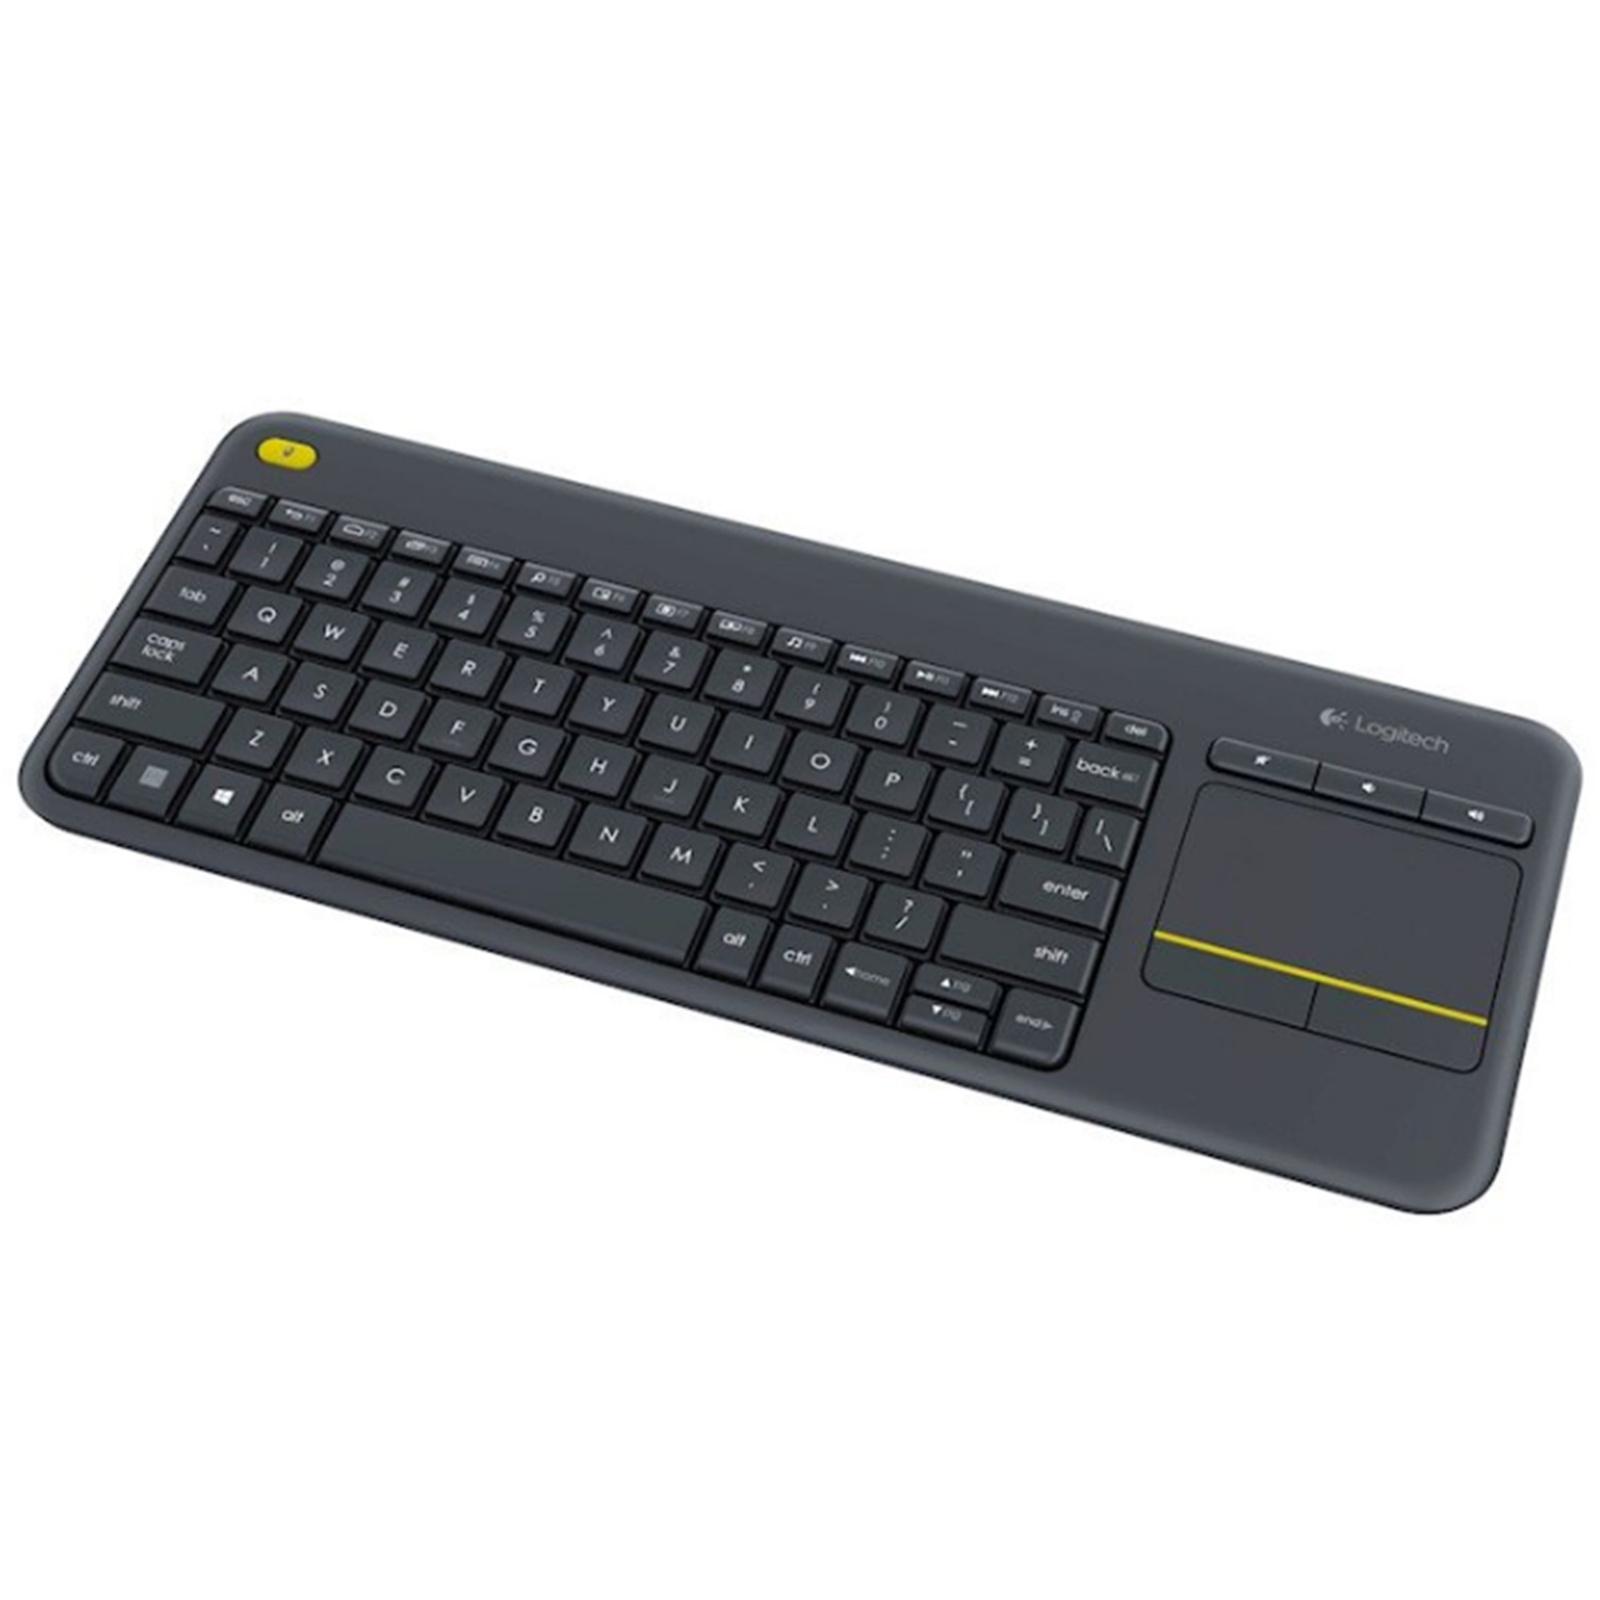 Buy the Logitech K400 PLUS BLACK WIRELESS TOUCH KEYBOARD HTPC keyboard for  PC    ( 920-007165 ) online